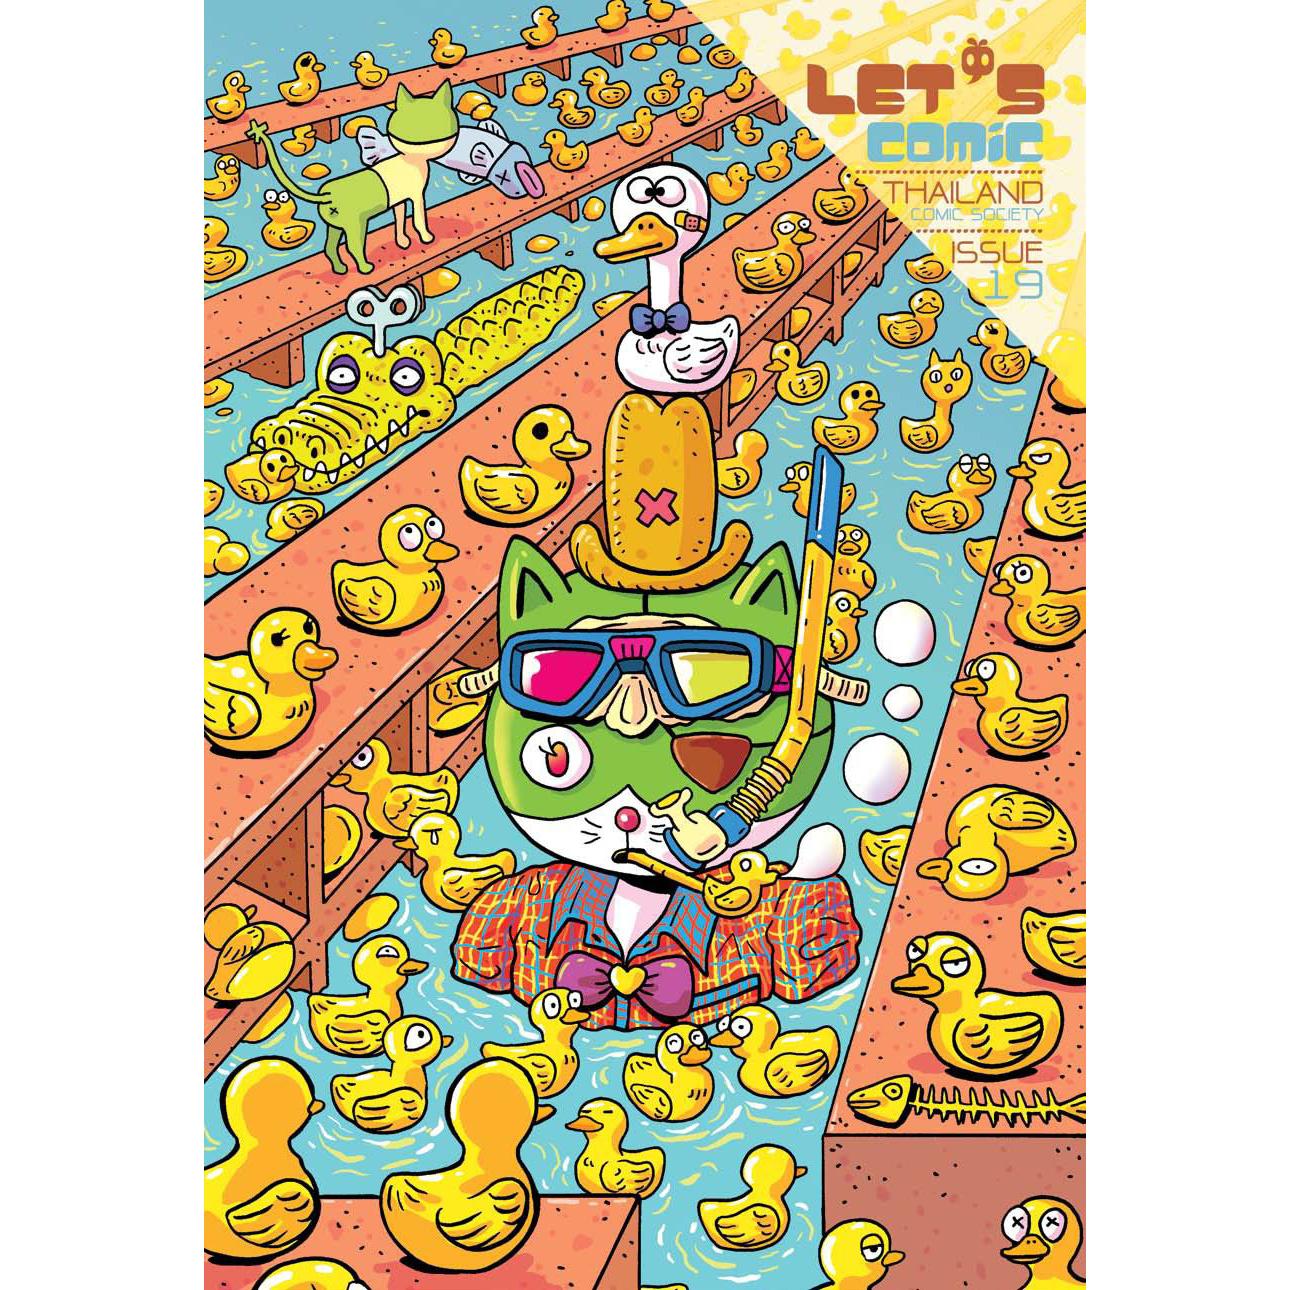 LET'S Comic 19